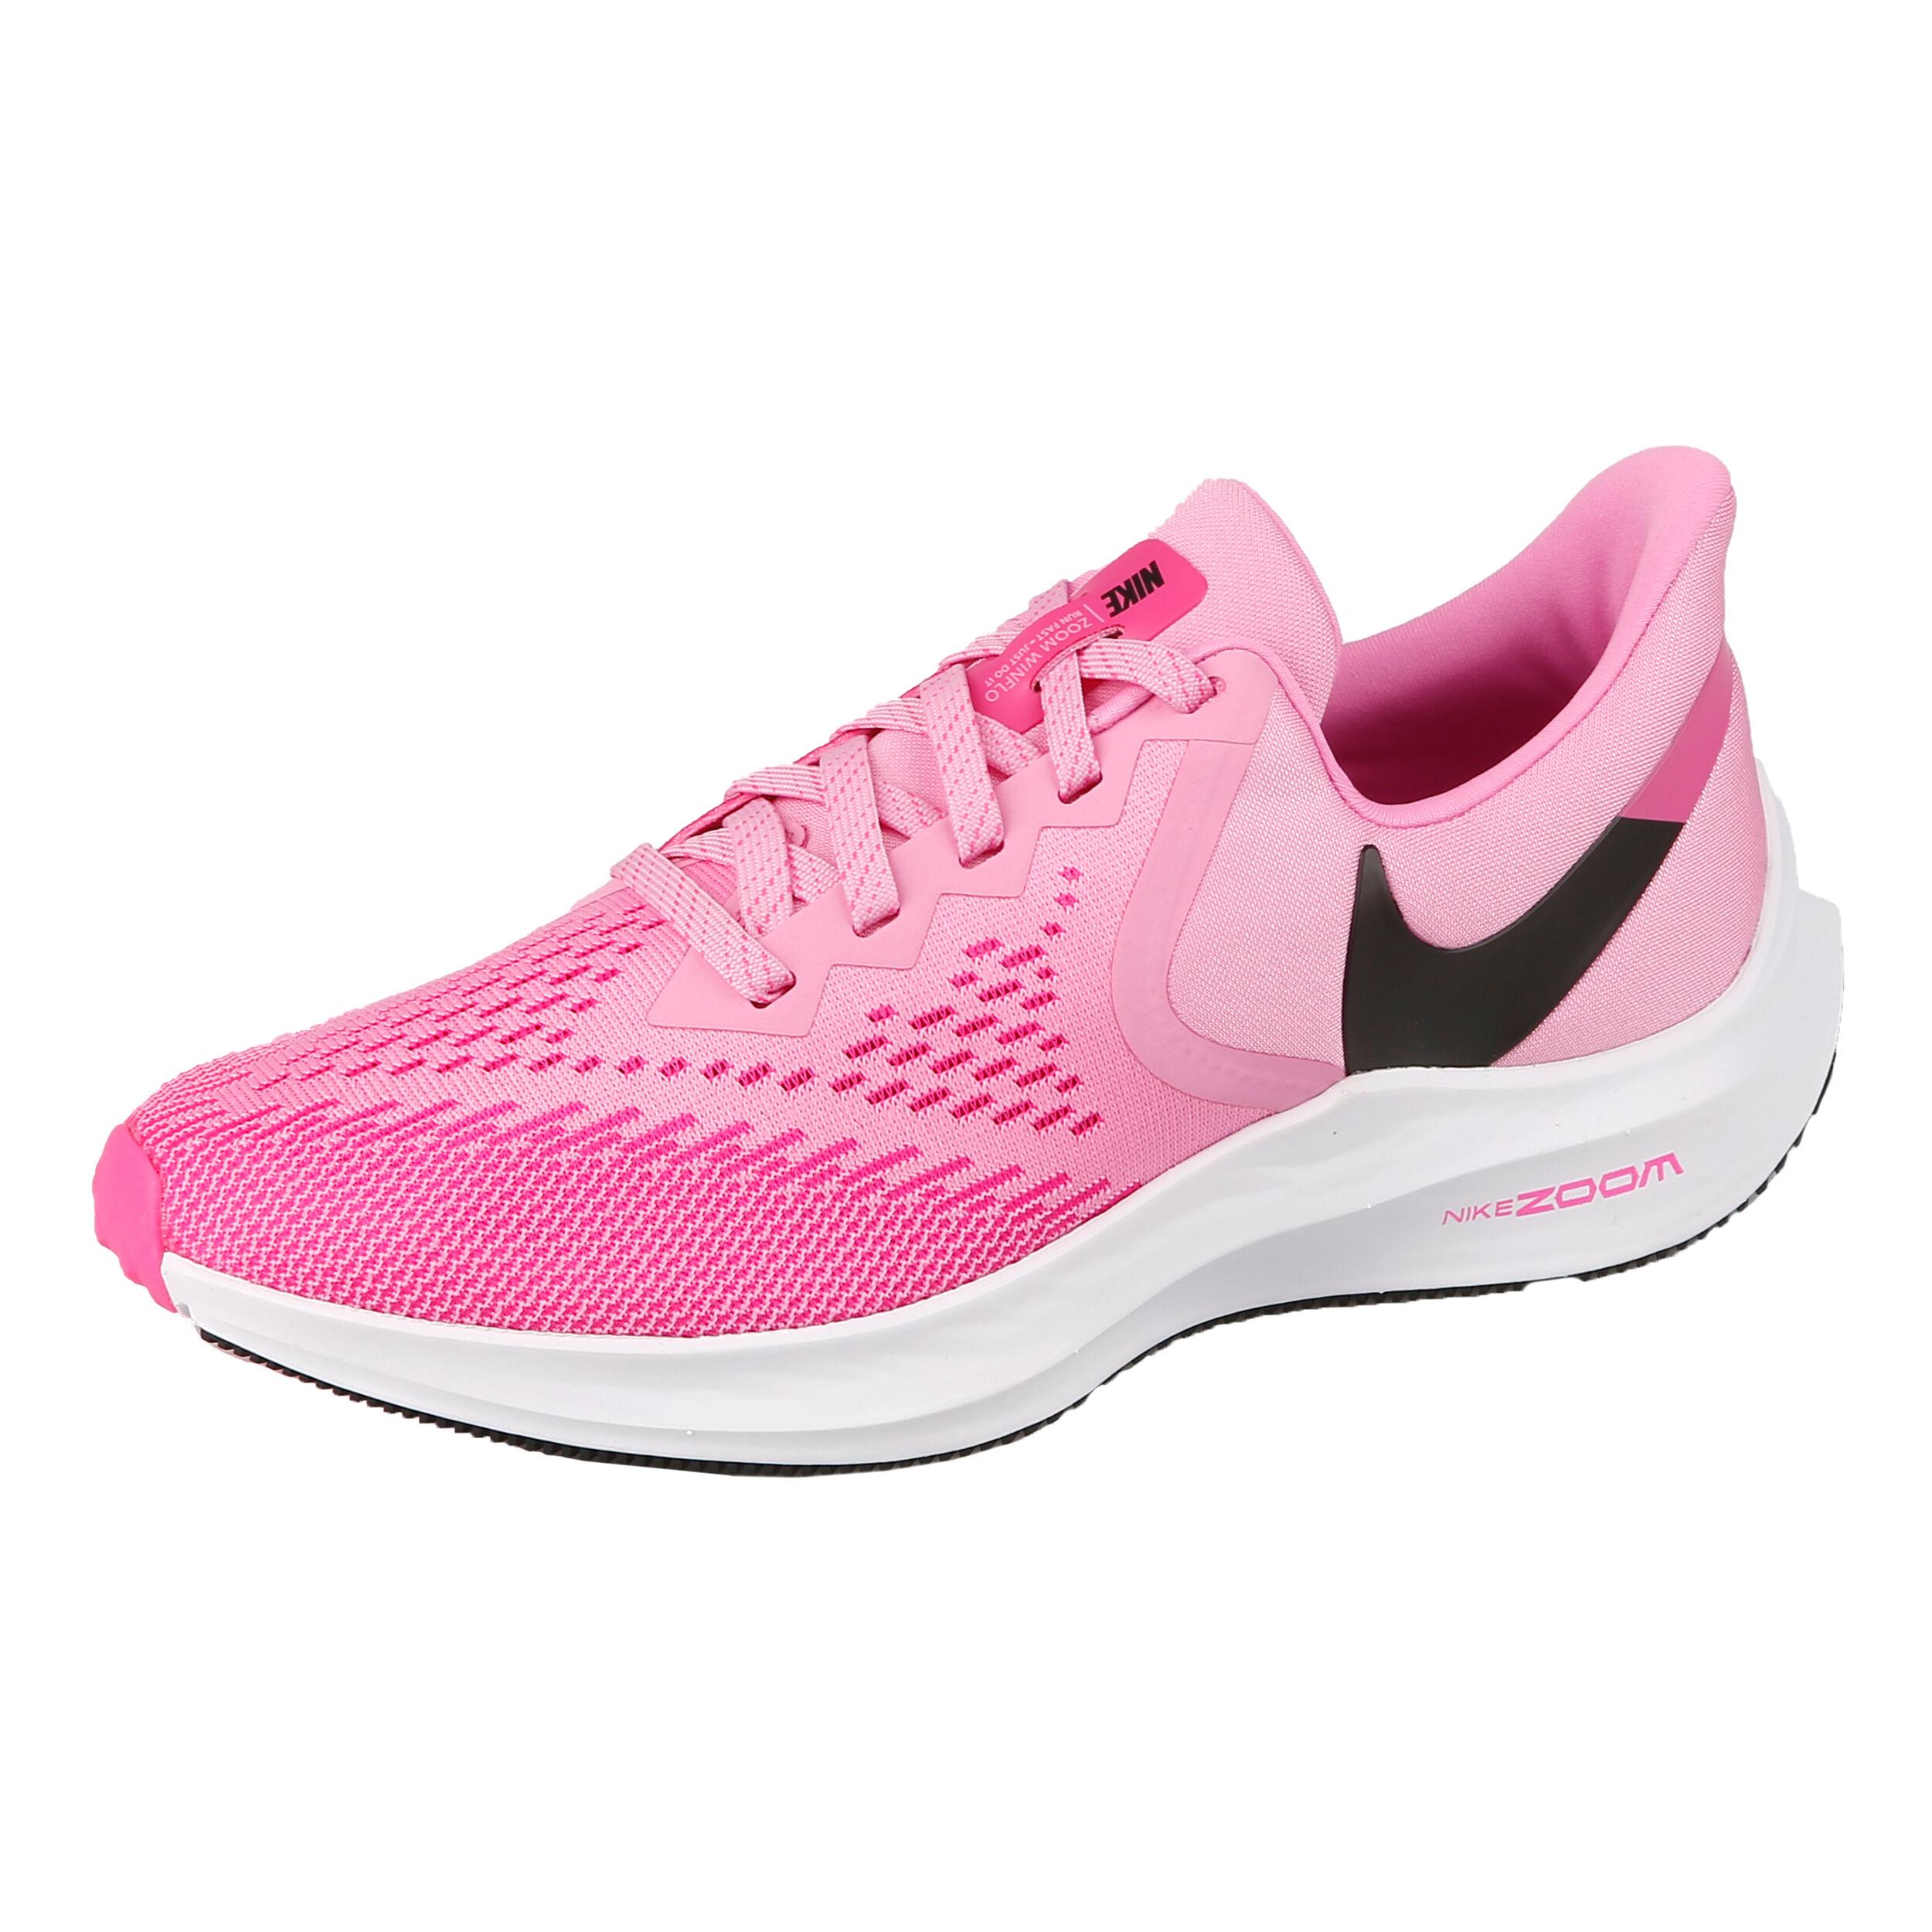 Nike Winflo 6 Neutralschuh Damen Pink, Schwarz online